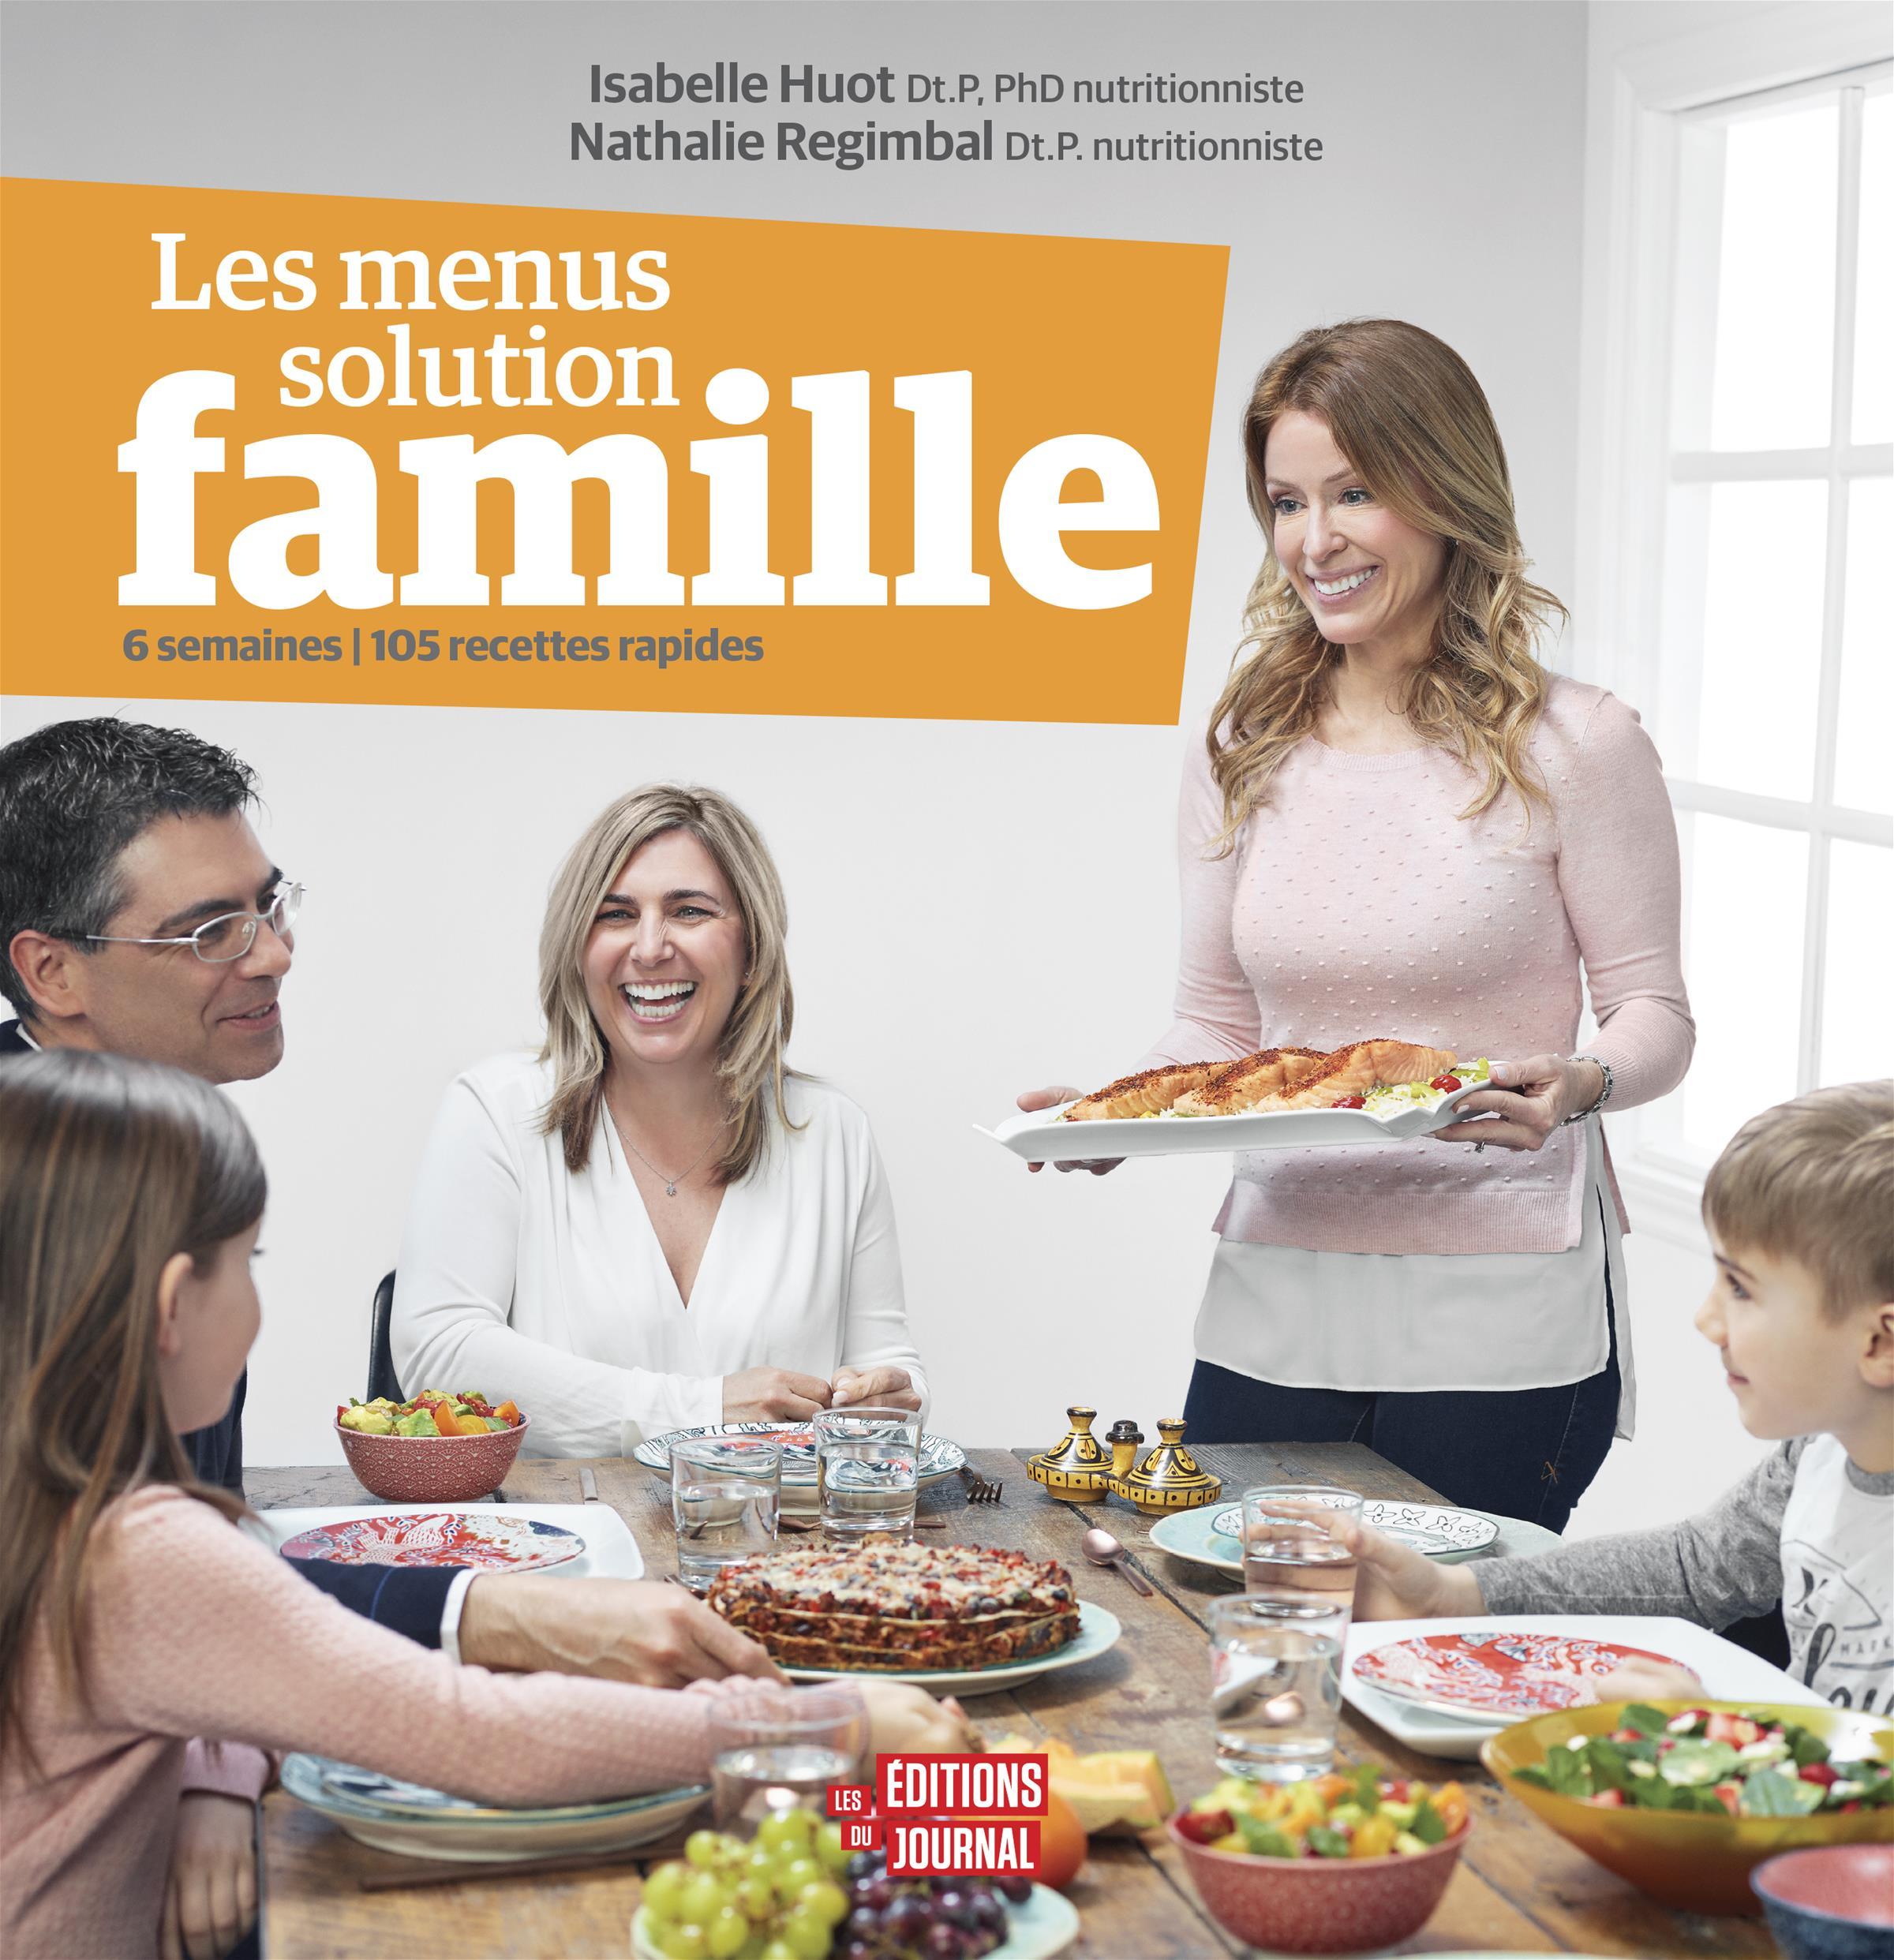 Les menus solution famille